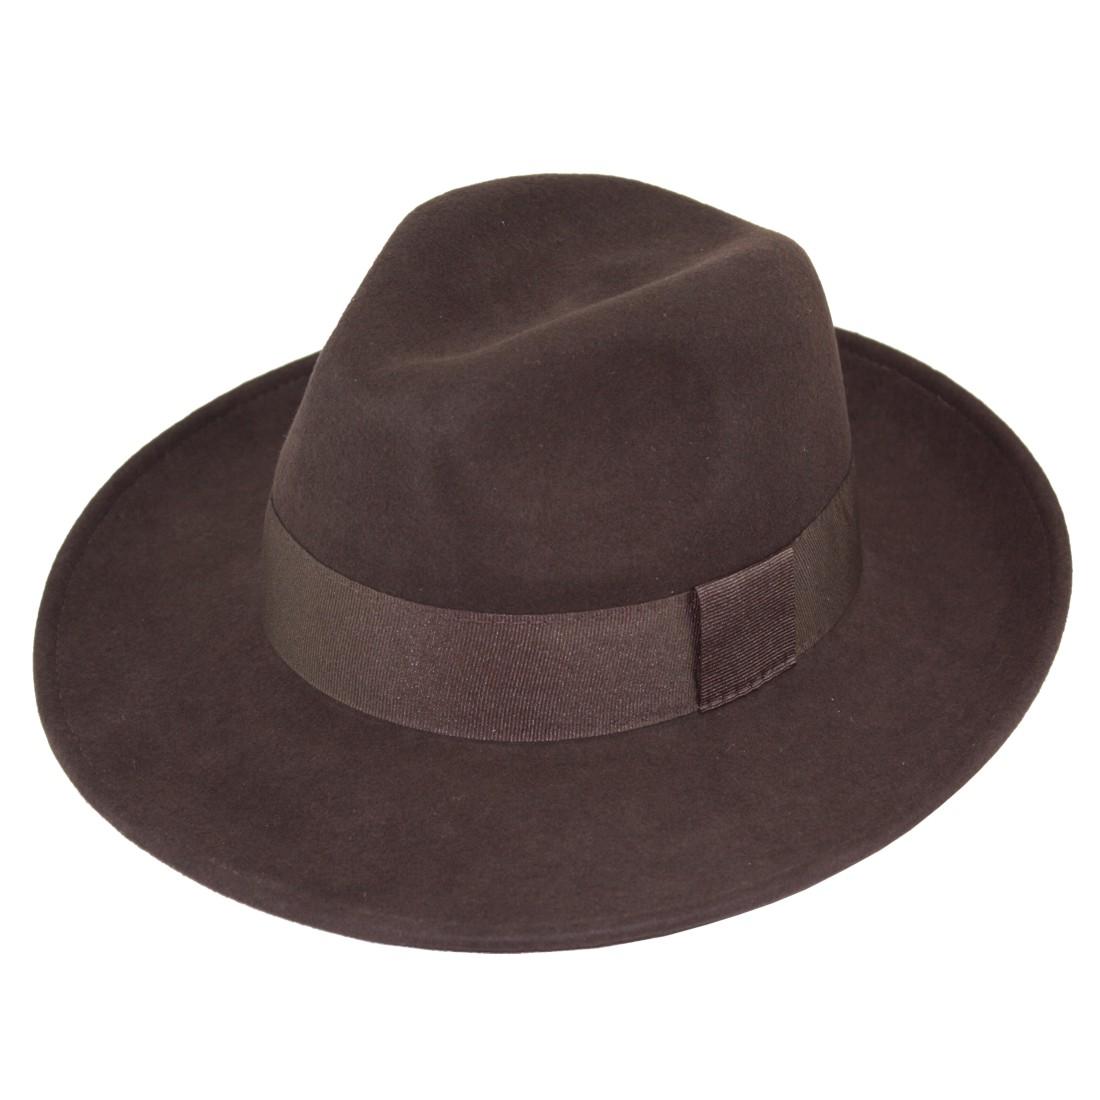 1710. Sombrero fieltro de lana 100%. Ala ancha.  a4db3c7dfd4